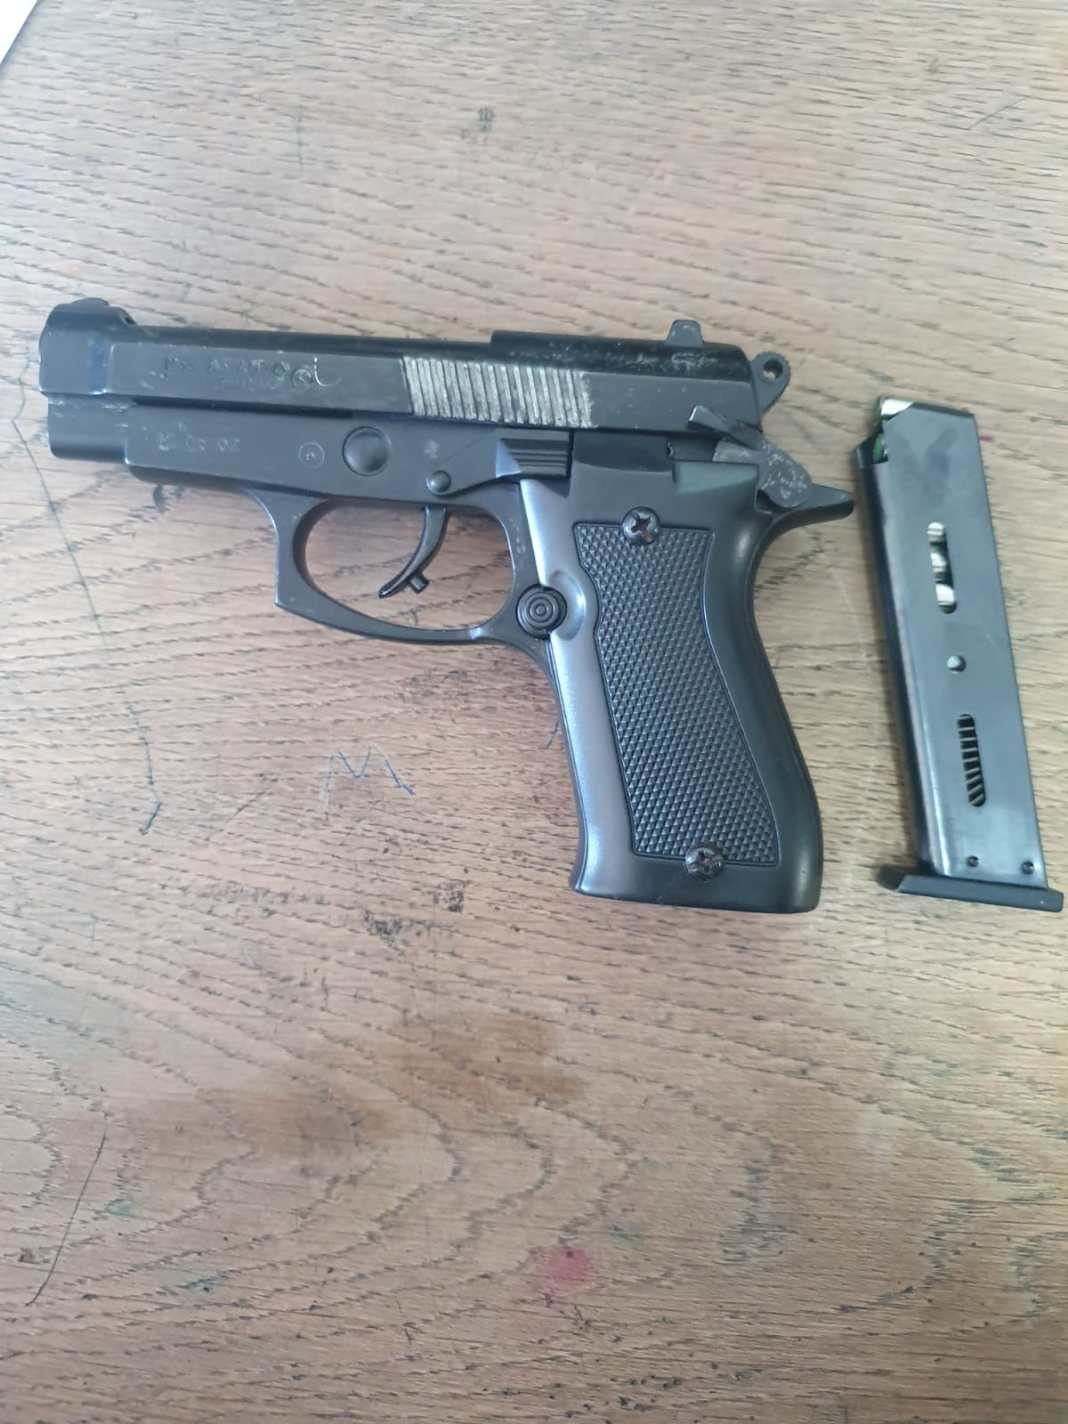 Amenințat cu pistolul chiar în fața locuinței sale